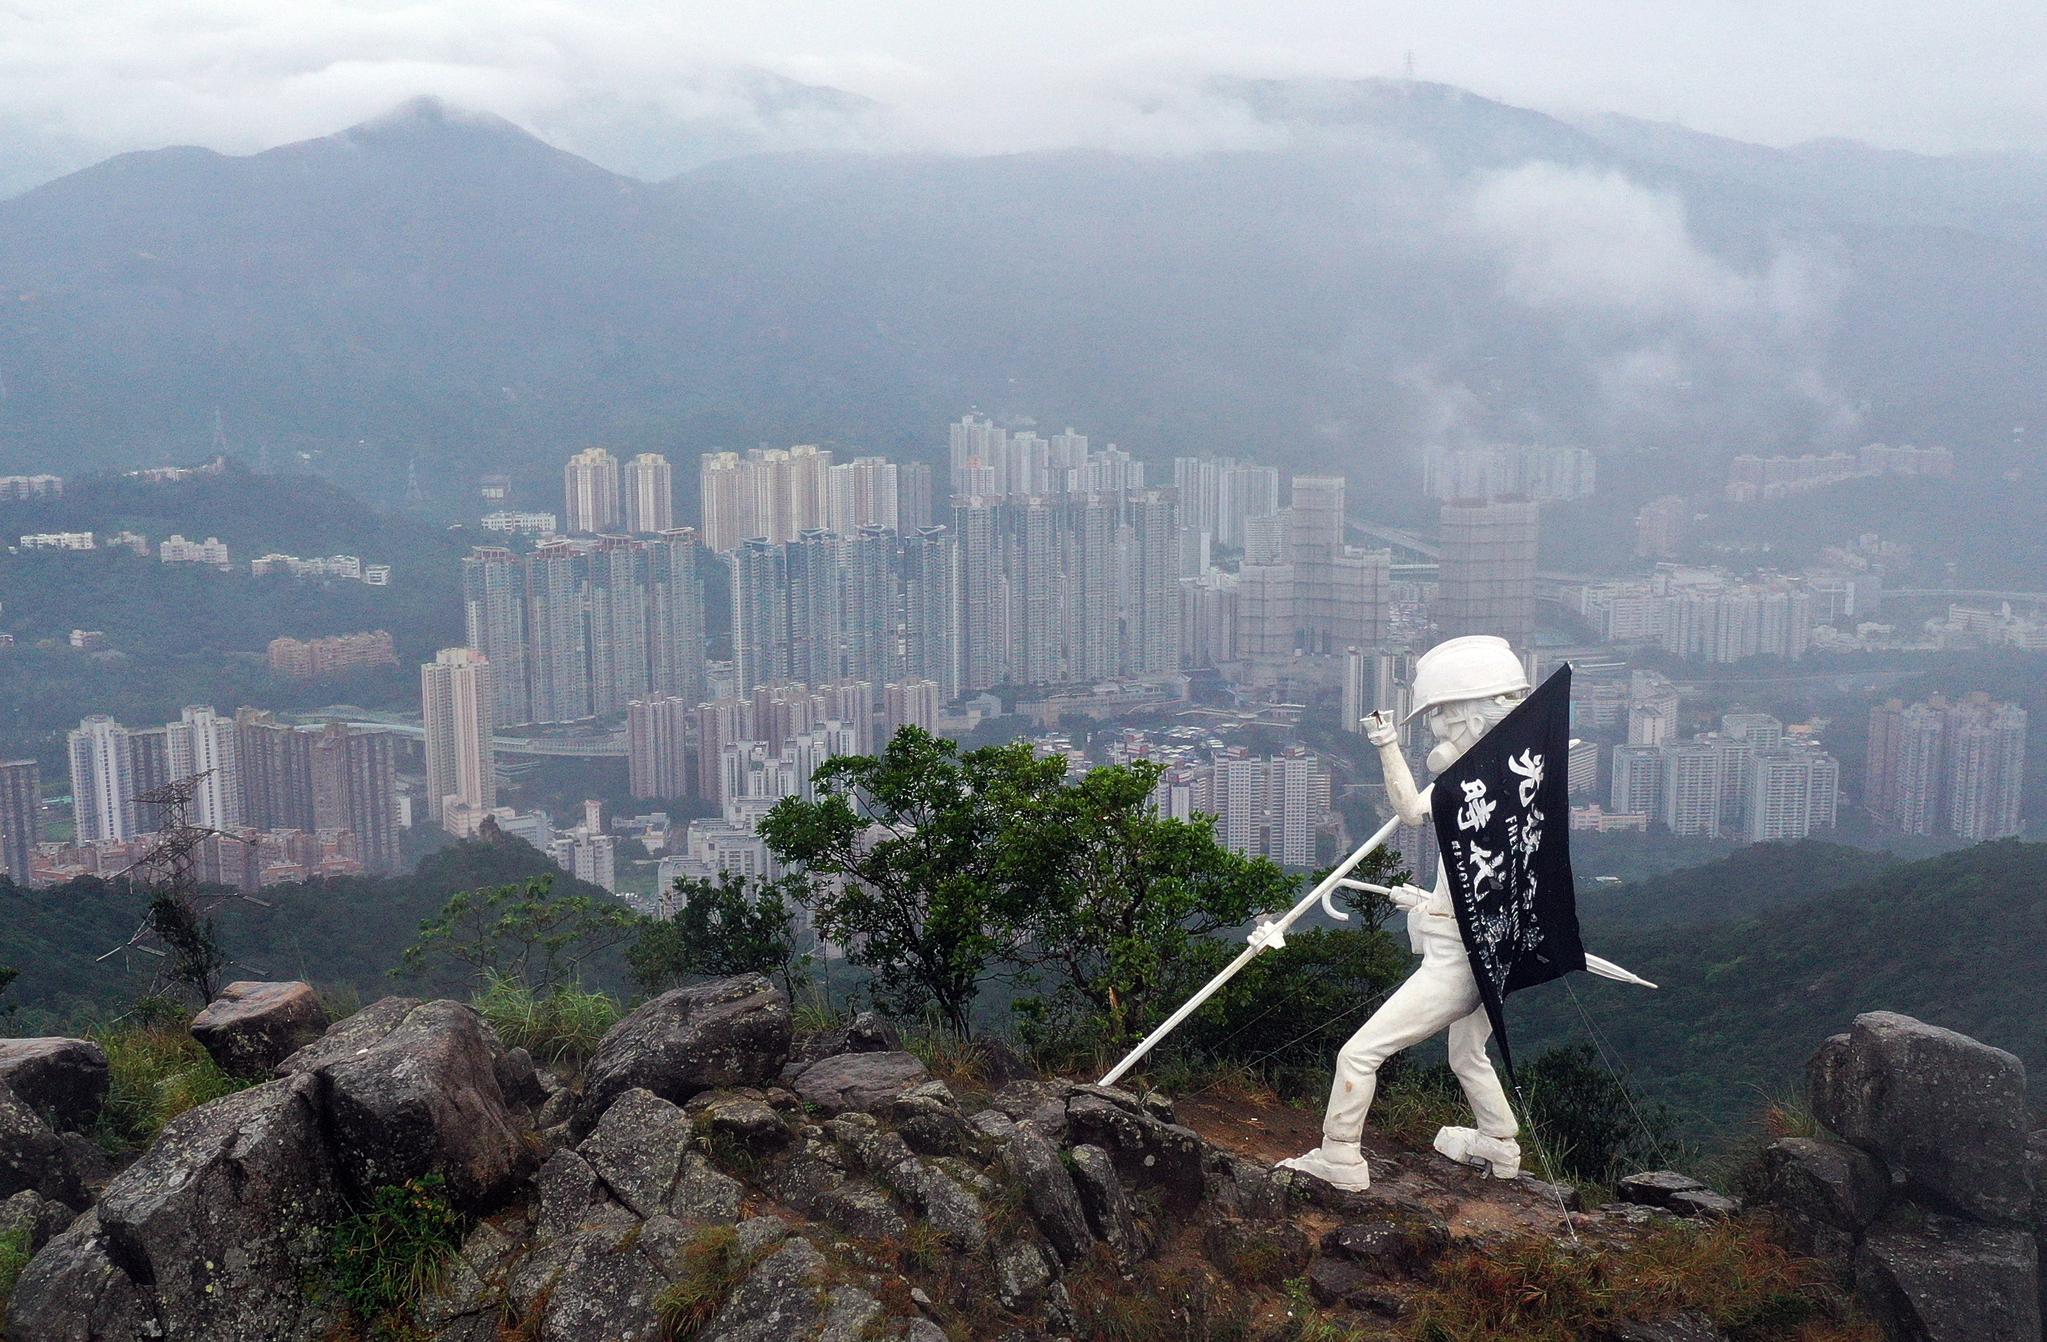 홍콩의 랜드마크인 사자산 정상에 13일 자유의 여신상이 설치됐다. '홍콩해방, 시대혁명'이라고 적은 깃발을 들고 있다. [ EPA=연합뉴스]